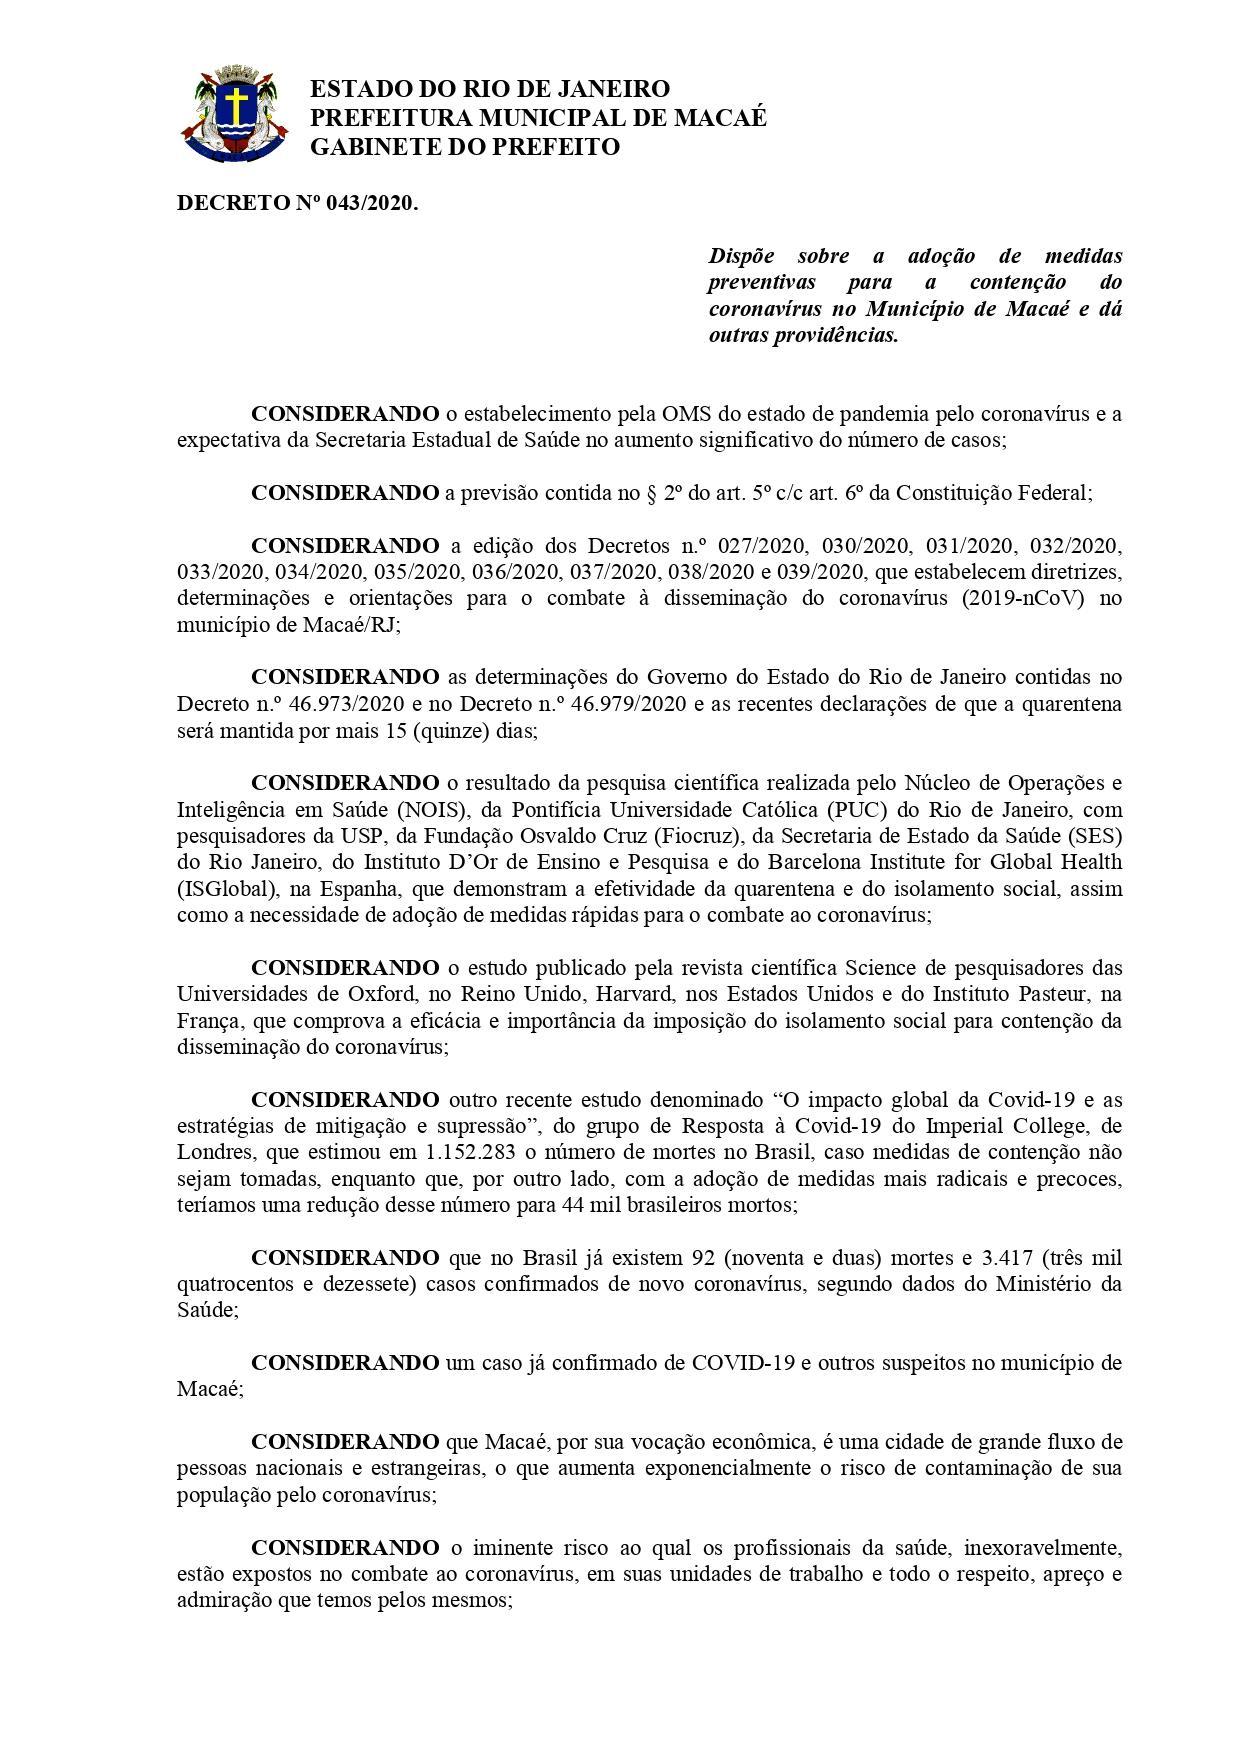 Decreto  Nº 043/2020, editado no dia de ontem pela Prefeitura Municipal de Macaé, prorroga proibição nas atividades laborais do município até o dia 06 de abril.